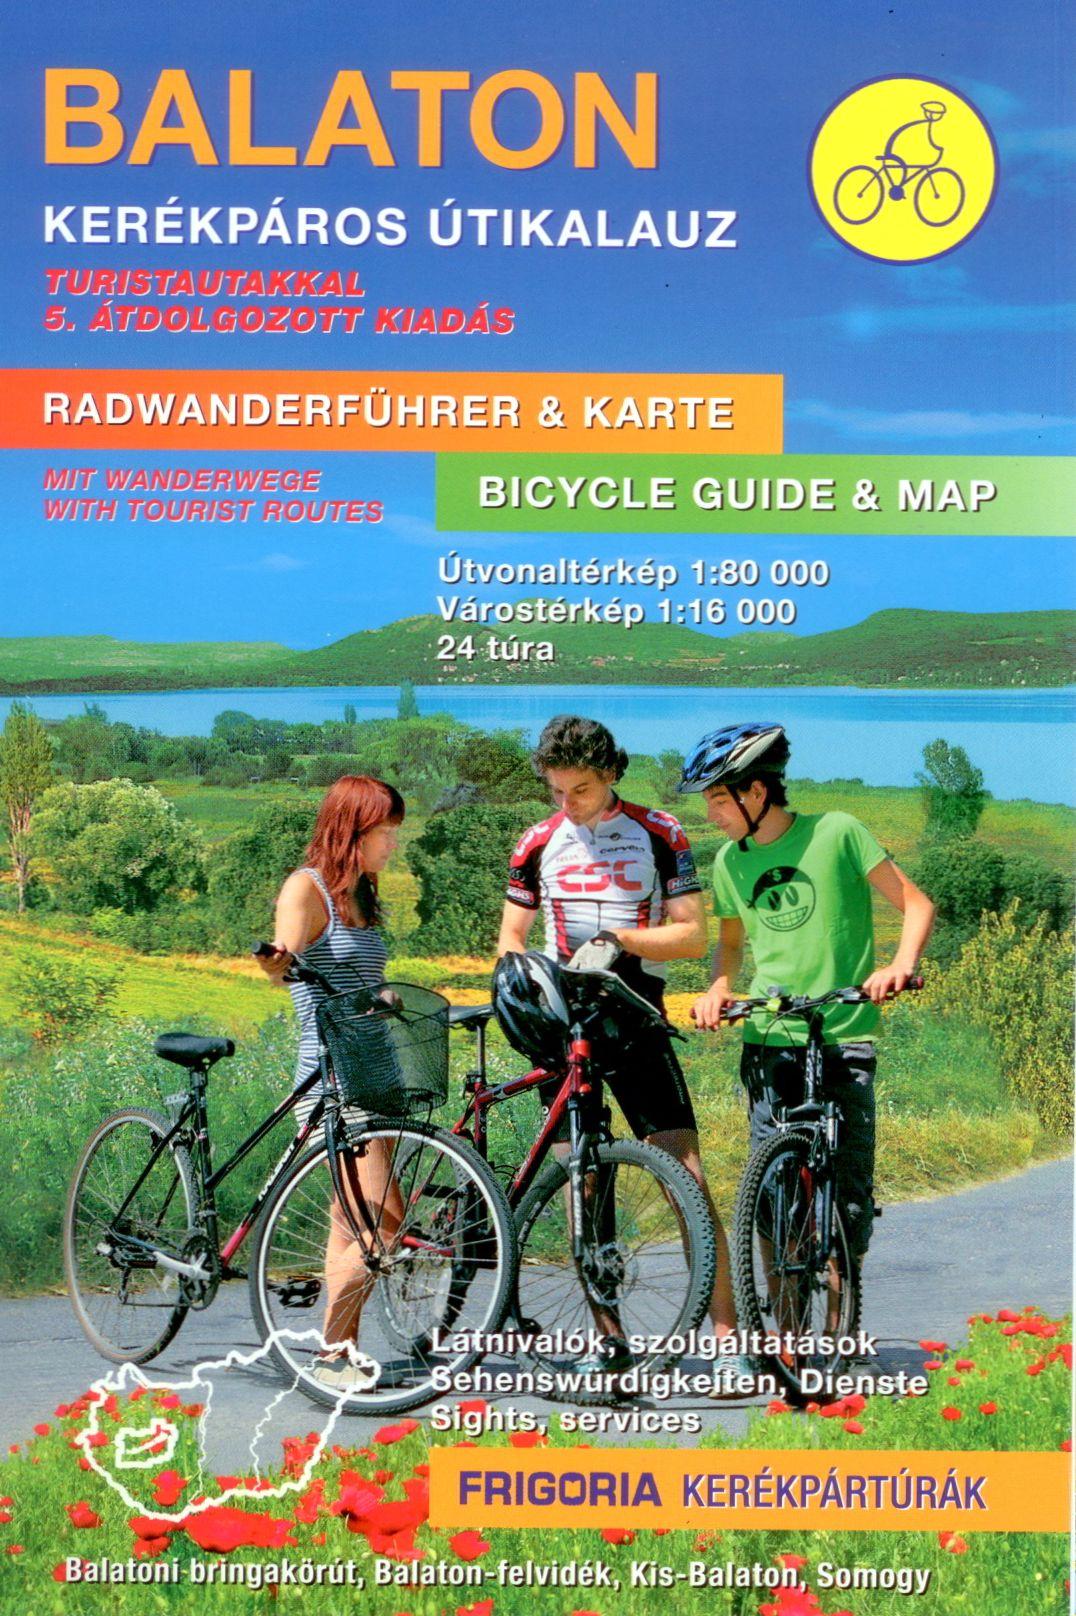 Balaton-felvidék, Balatoni bringakörút, Kis-Balaton, Somogy részletes térképe útvonal ajánlatokkal